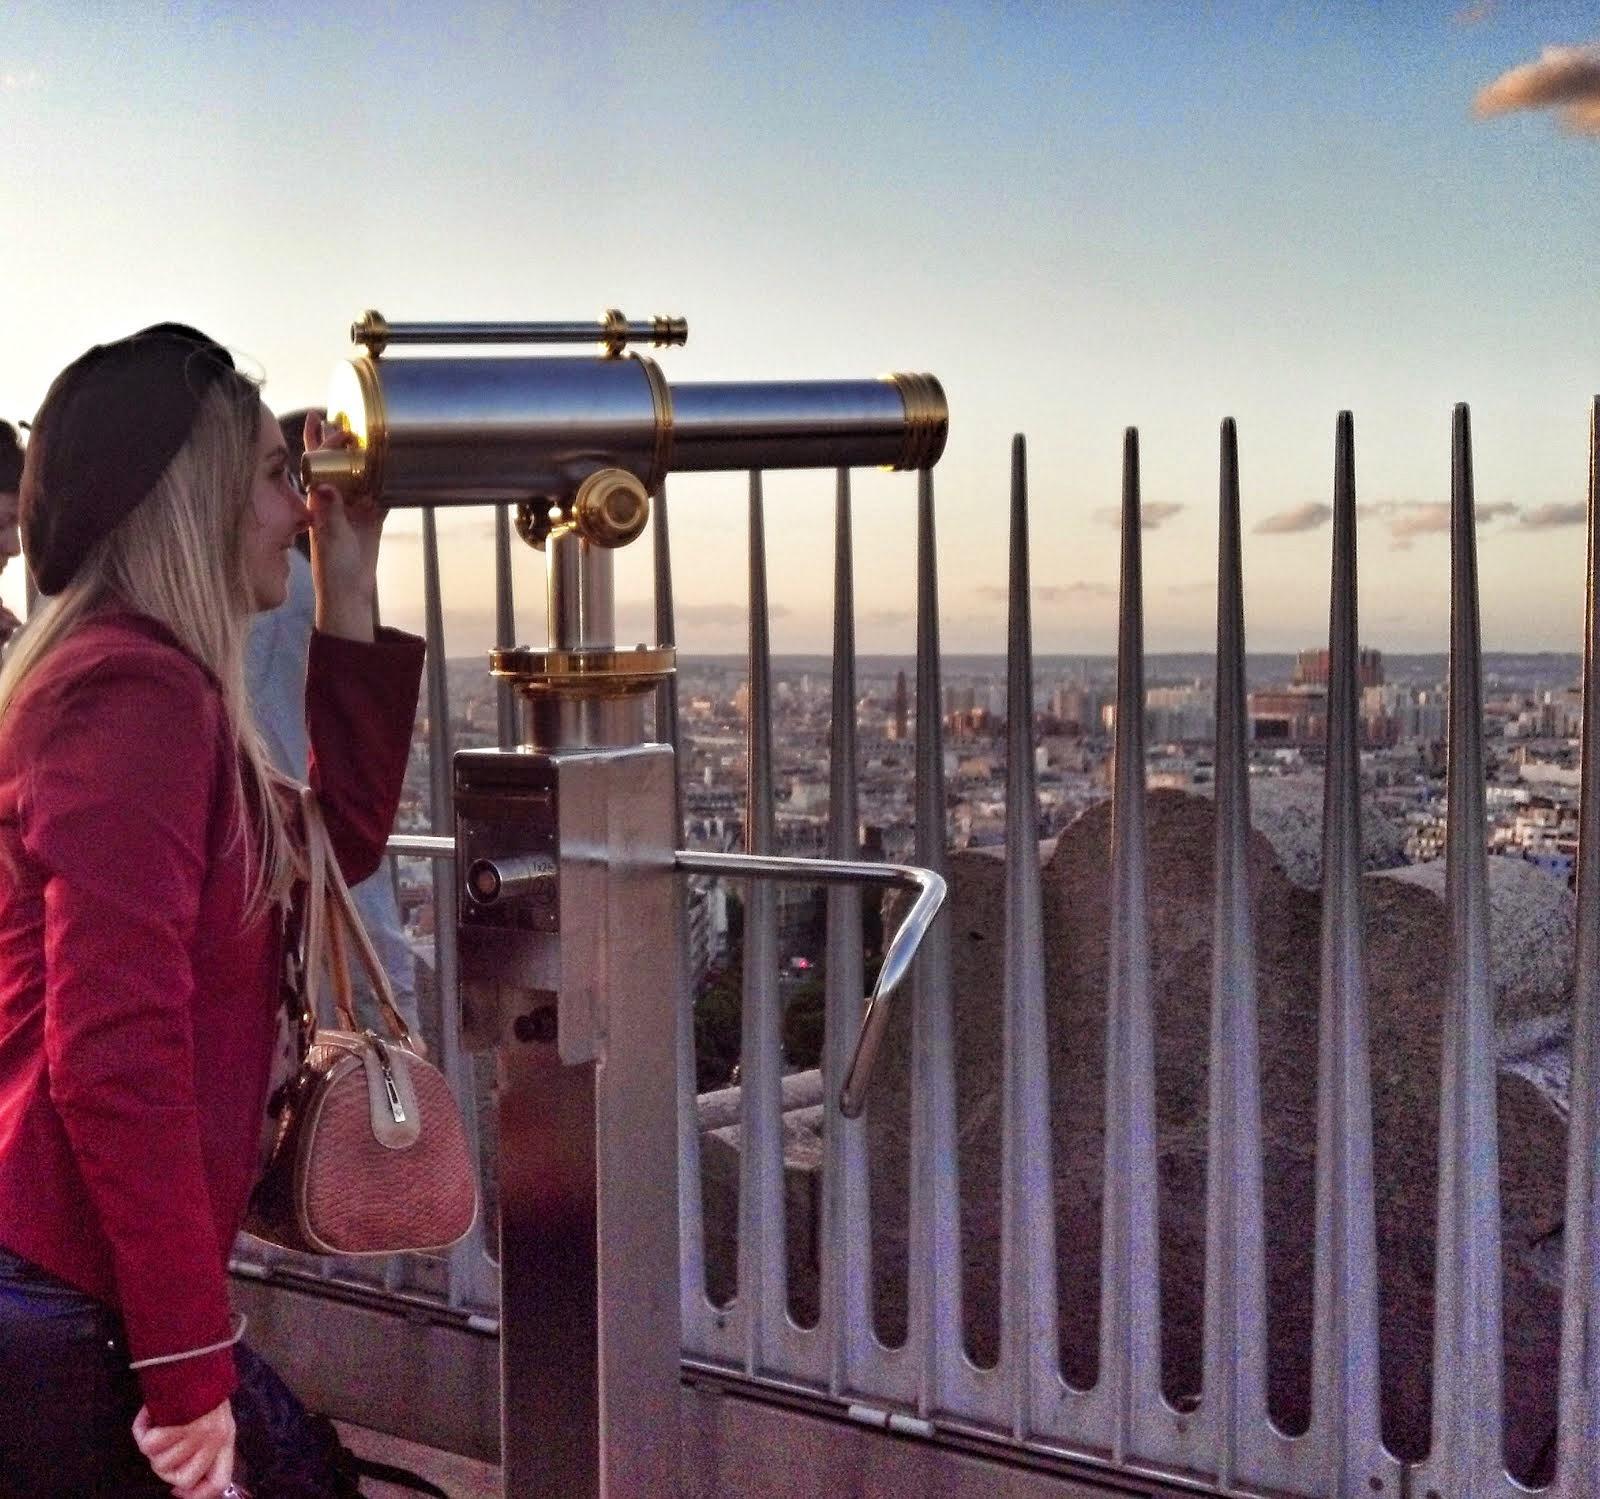 arco do triunfo paris vista da cidade